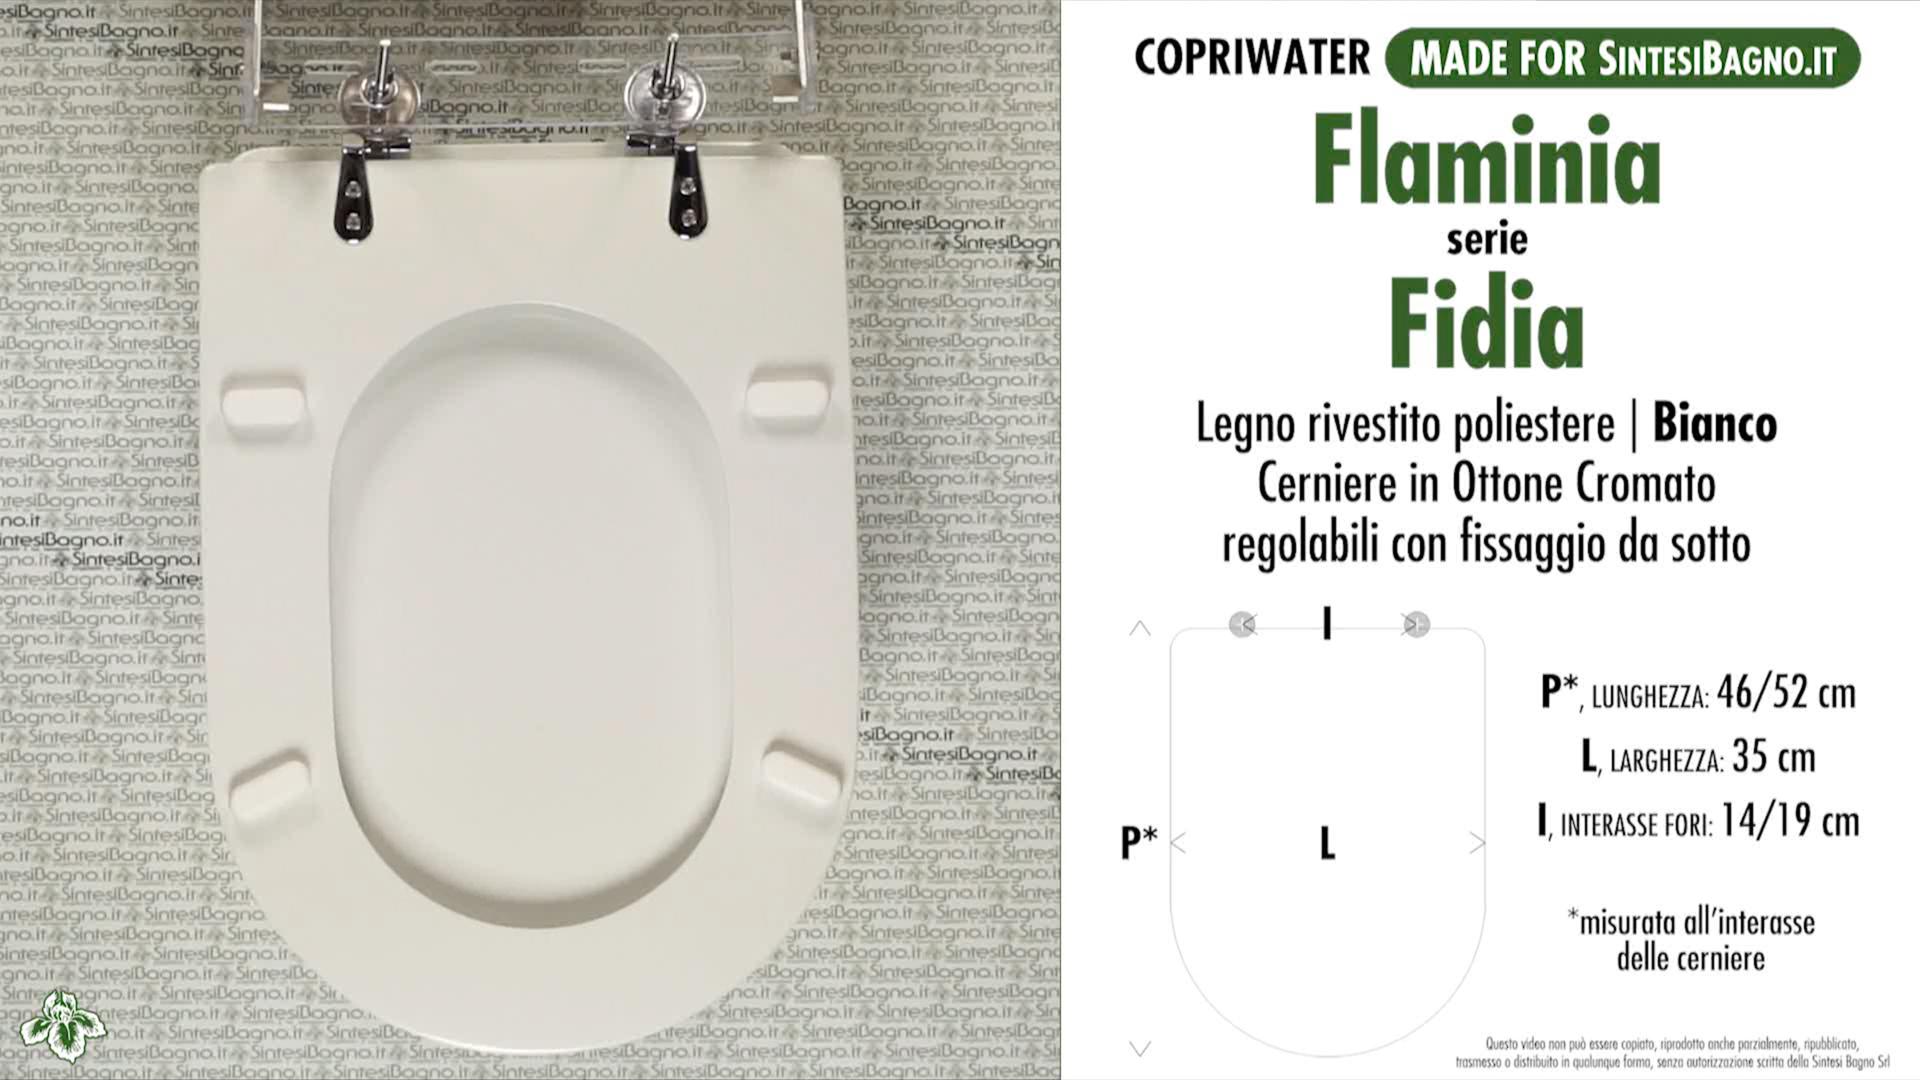 SCHEDA TECNICA copriwater FLAMINIA FIDIA